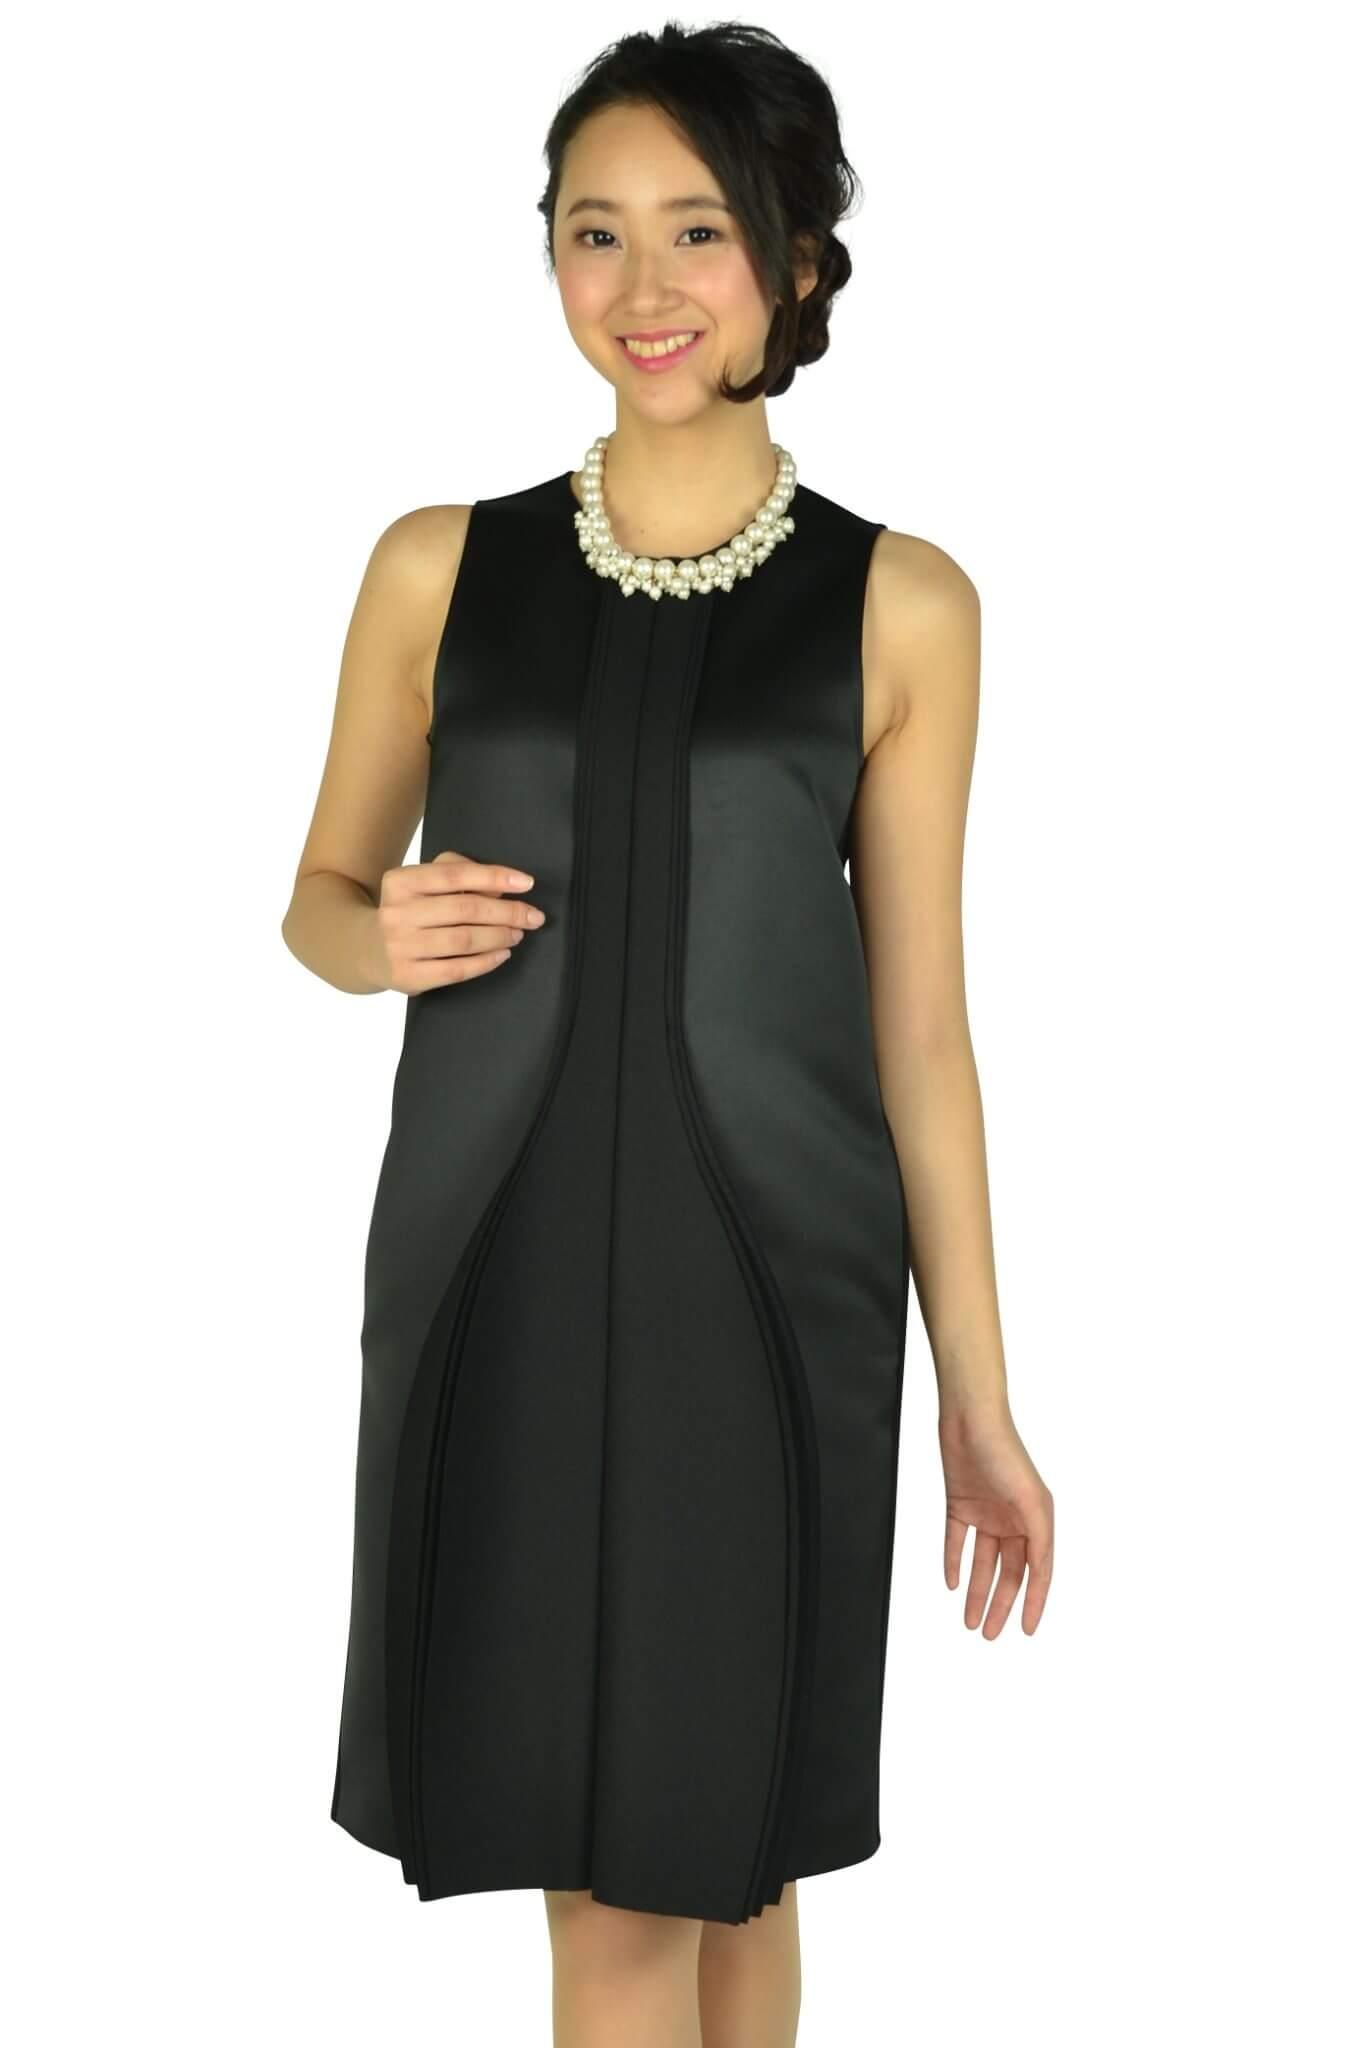 エンポリオ アルマーニ (EMPORIO ARMANI)ハイデザインブラックドレス